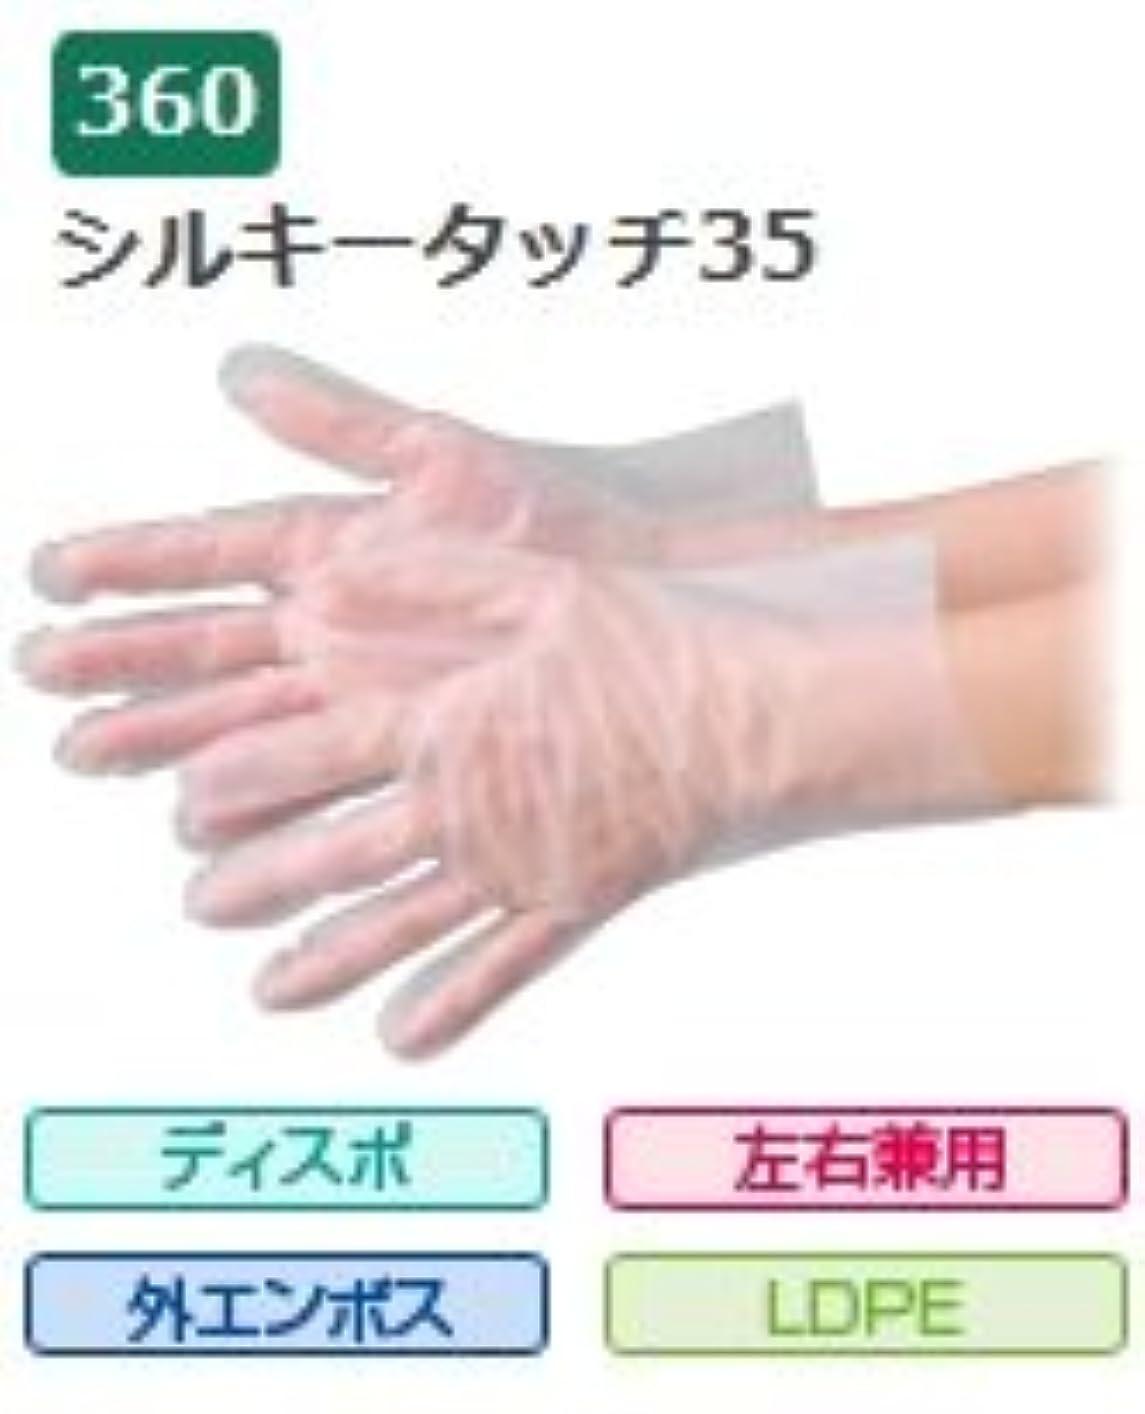 エブノ ポリエチレン手袋 No.360 L 半透明 (100枚×50袋) シルキータッチ35 袋入